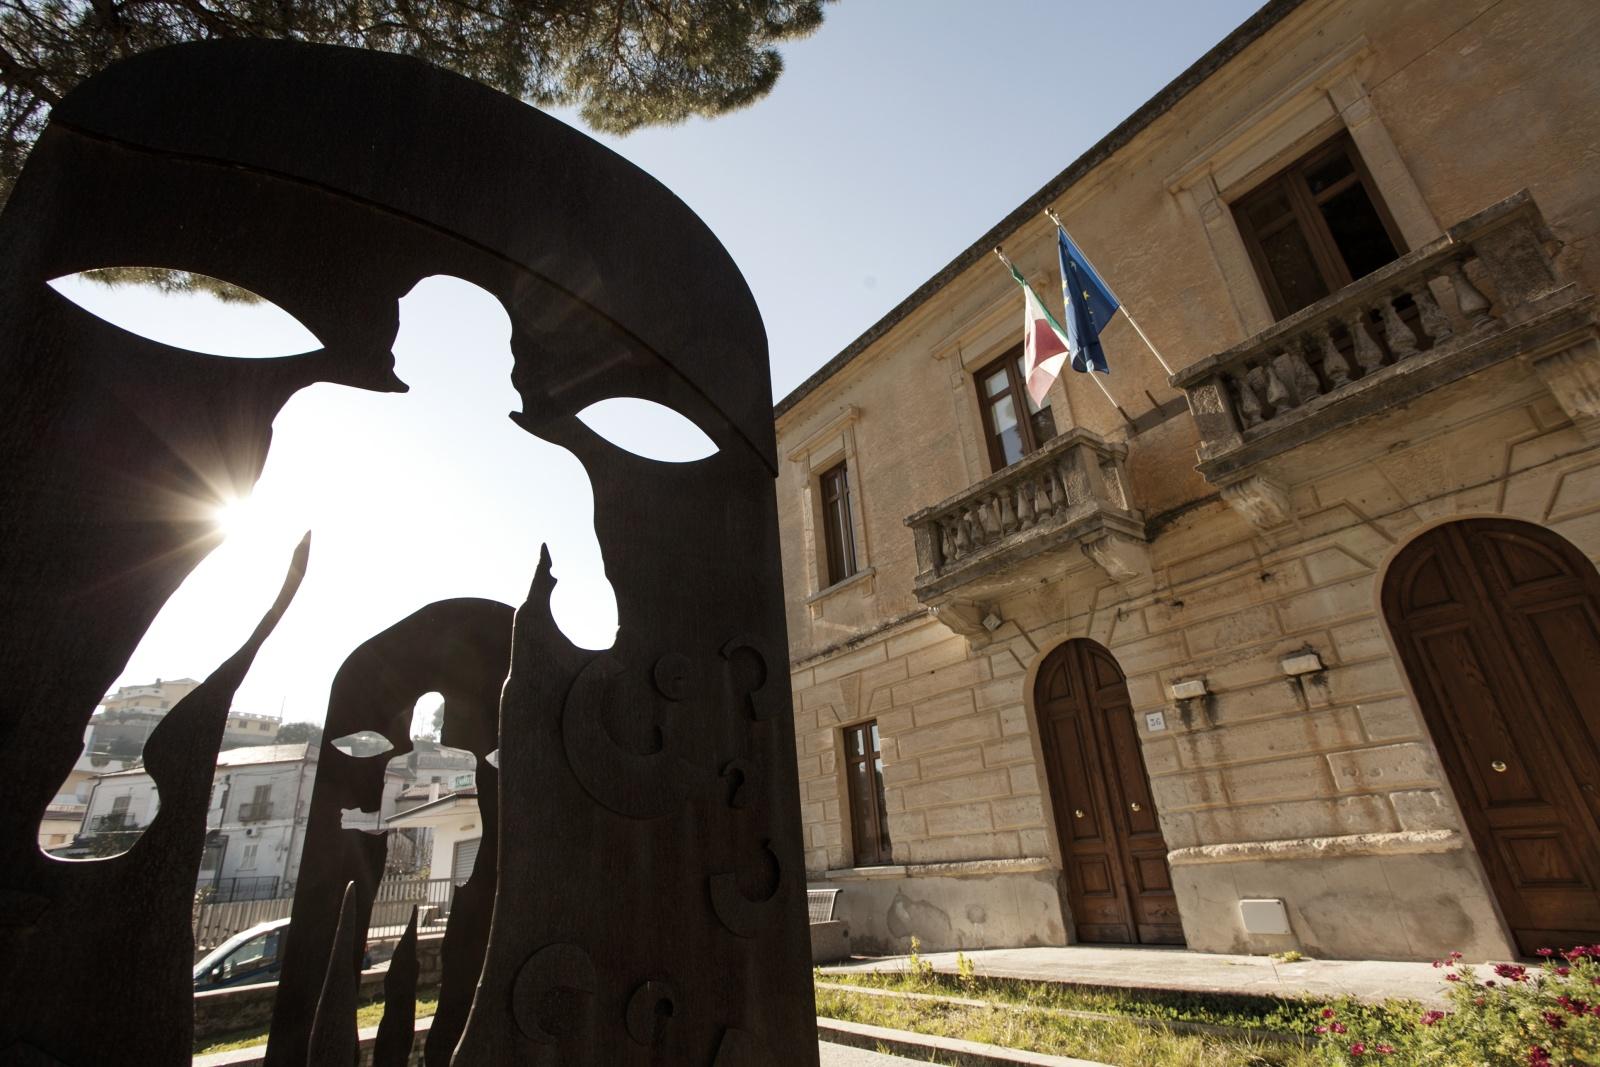 Il signor Sindaco e la Città Futura | Gianfranco Ferraro - La statua bronzea che ricorda i famosi guerrieri Greci davanti al palazzo municipale della città di Riace. © Gianfranco Ferraro.